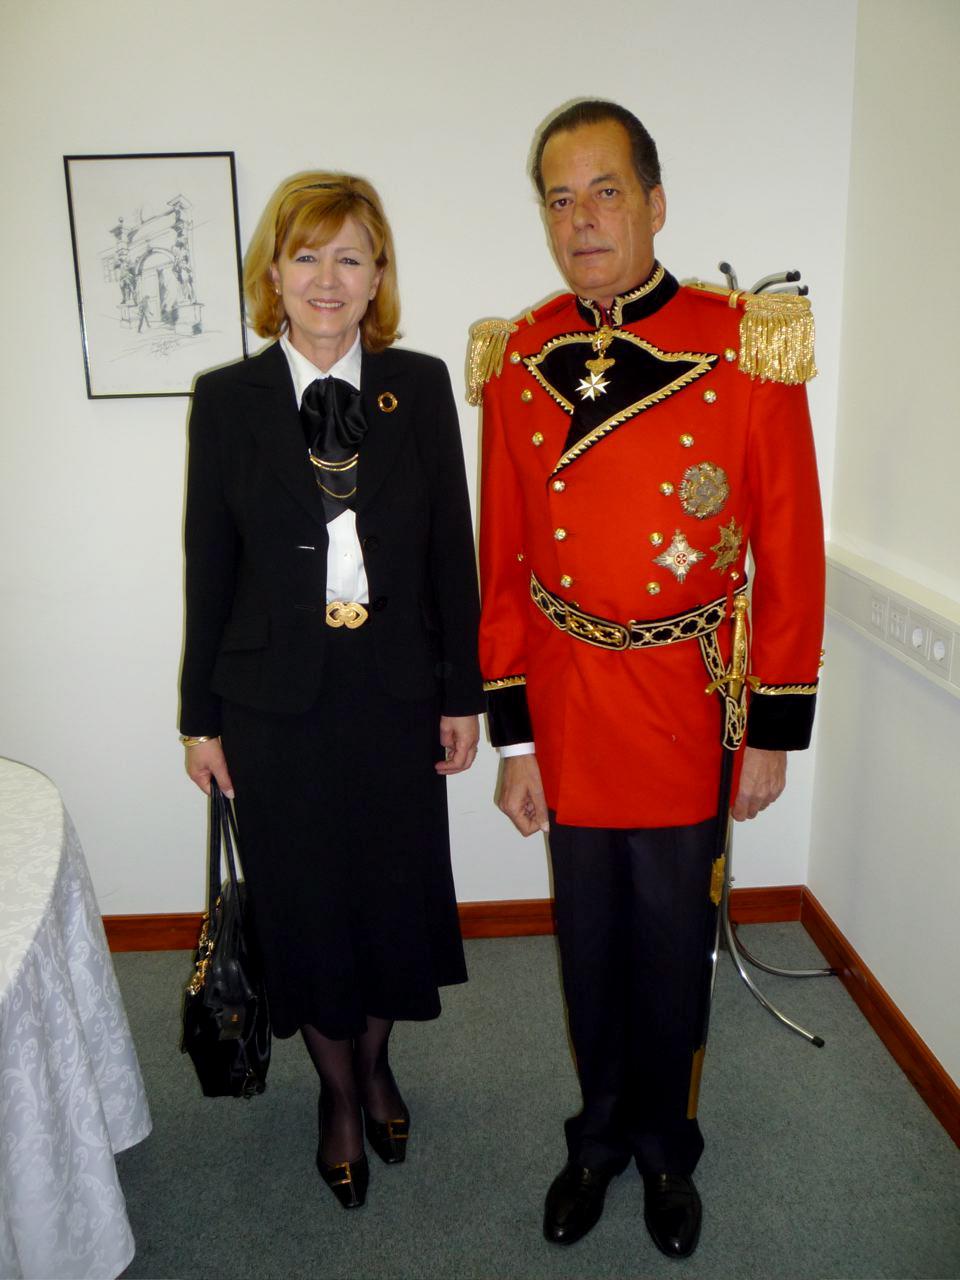 THE CHIEF OF PROTOCOL Mrs. MAJA LOVRENCIC SVETEK